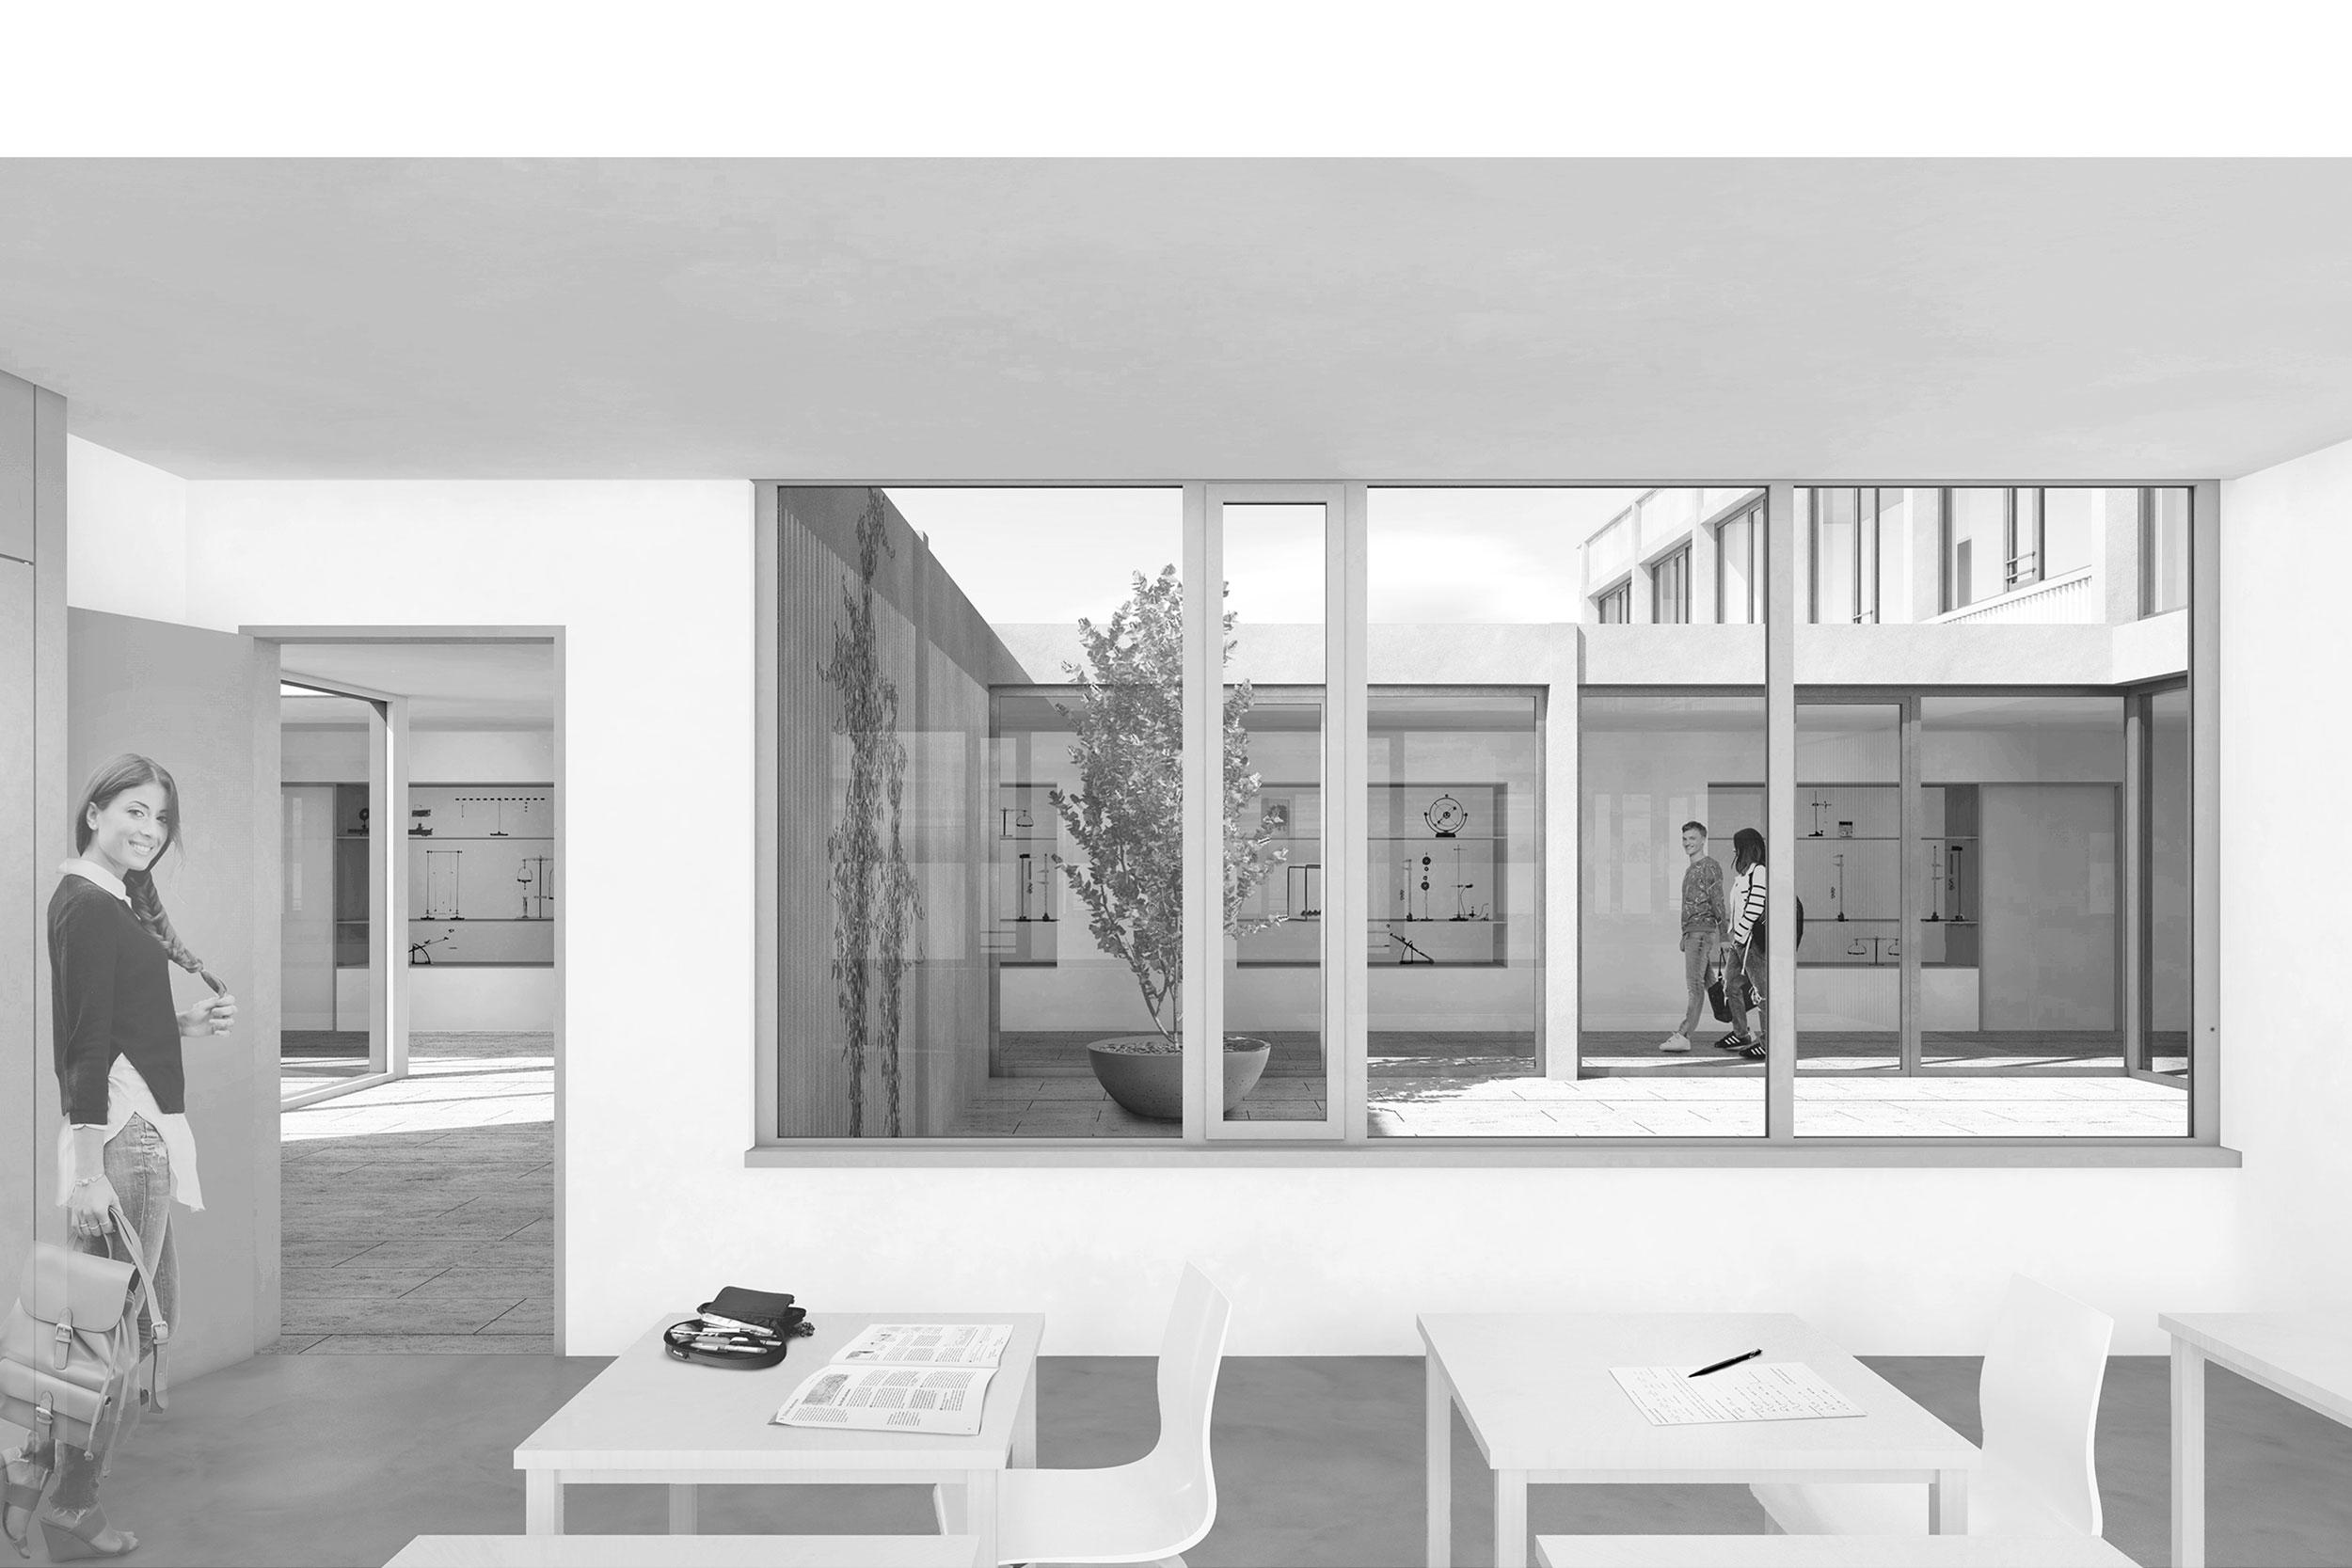 Erweiterungsneubau für die Kantonsschule Limmattal